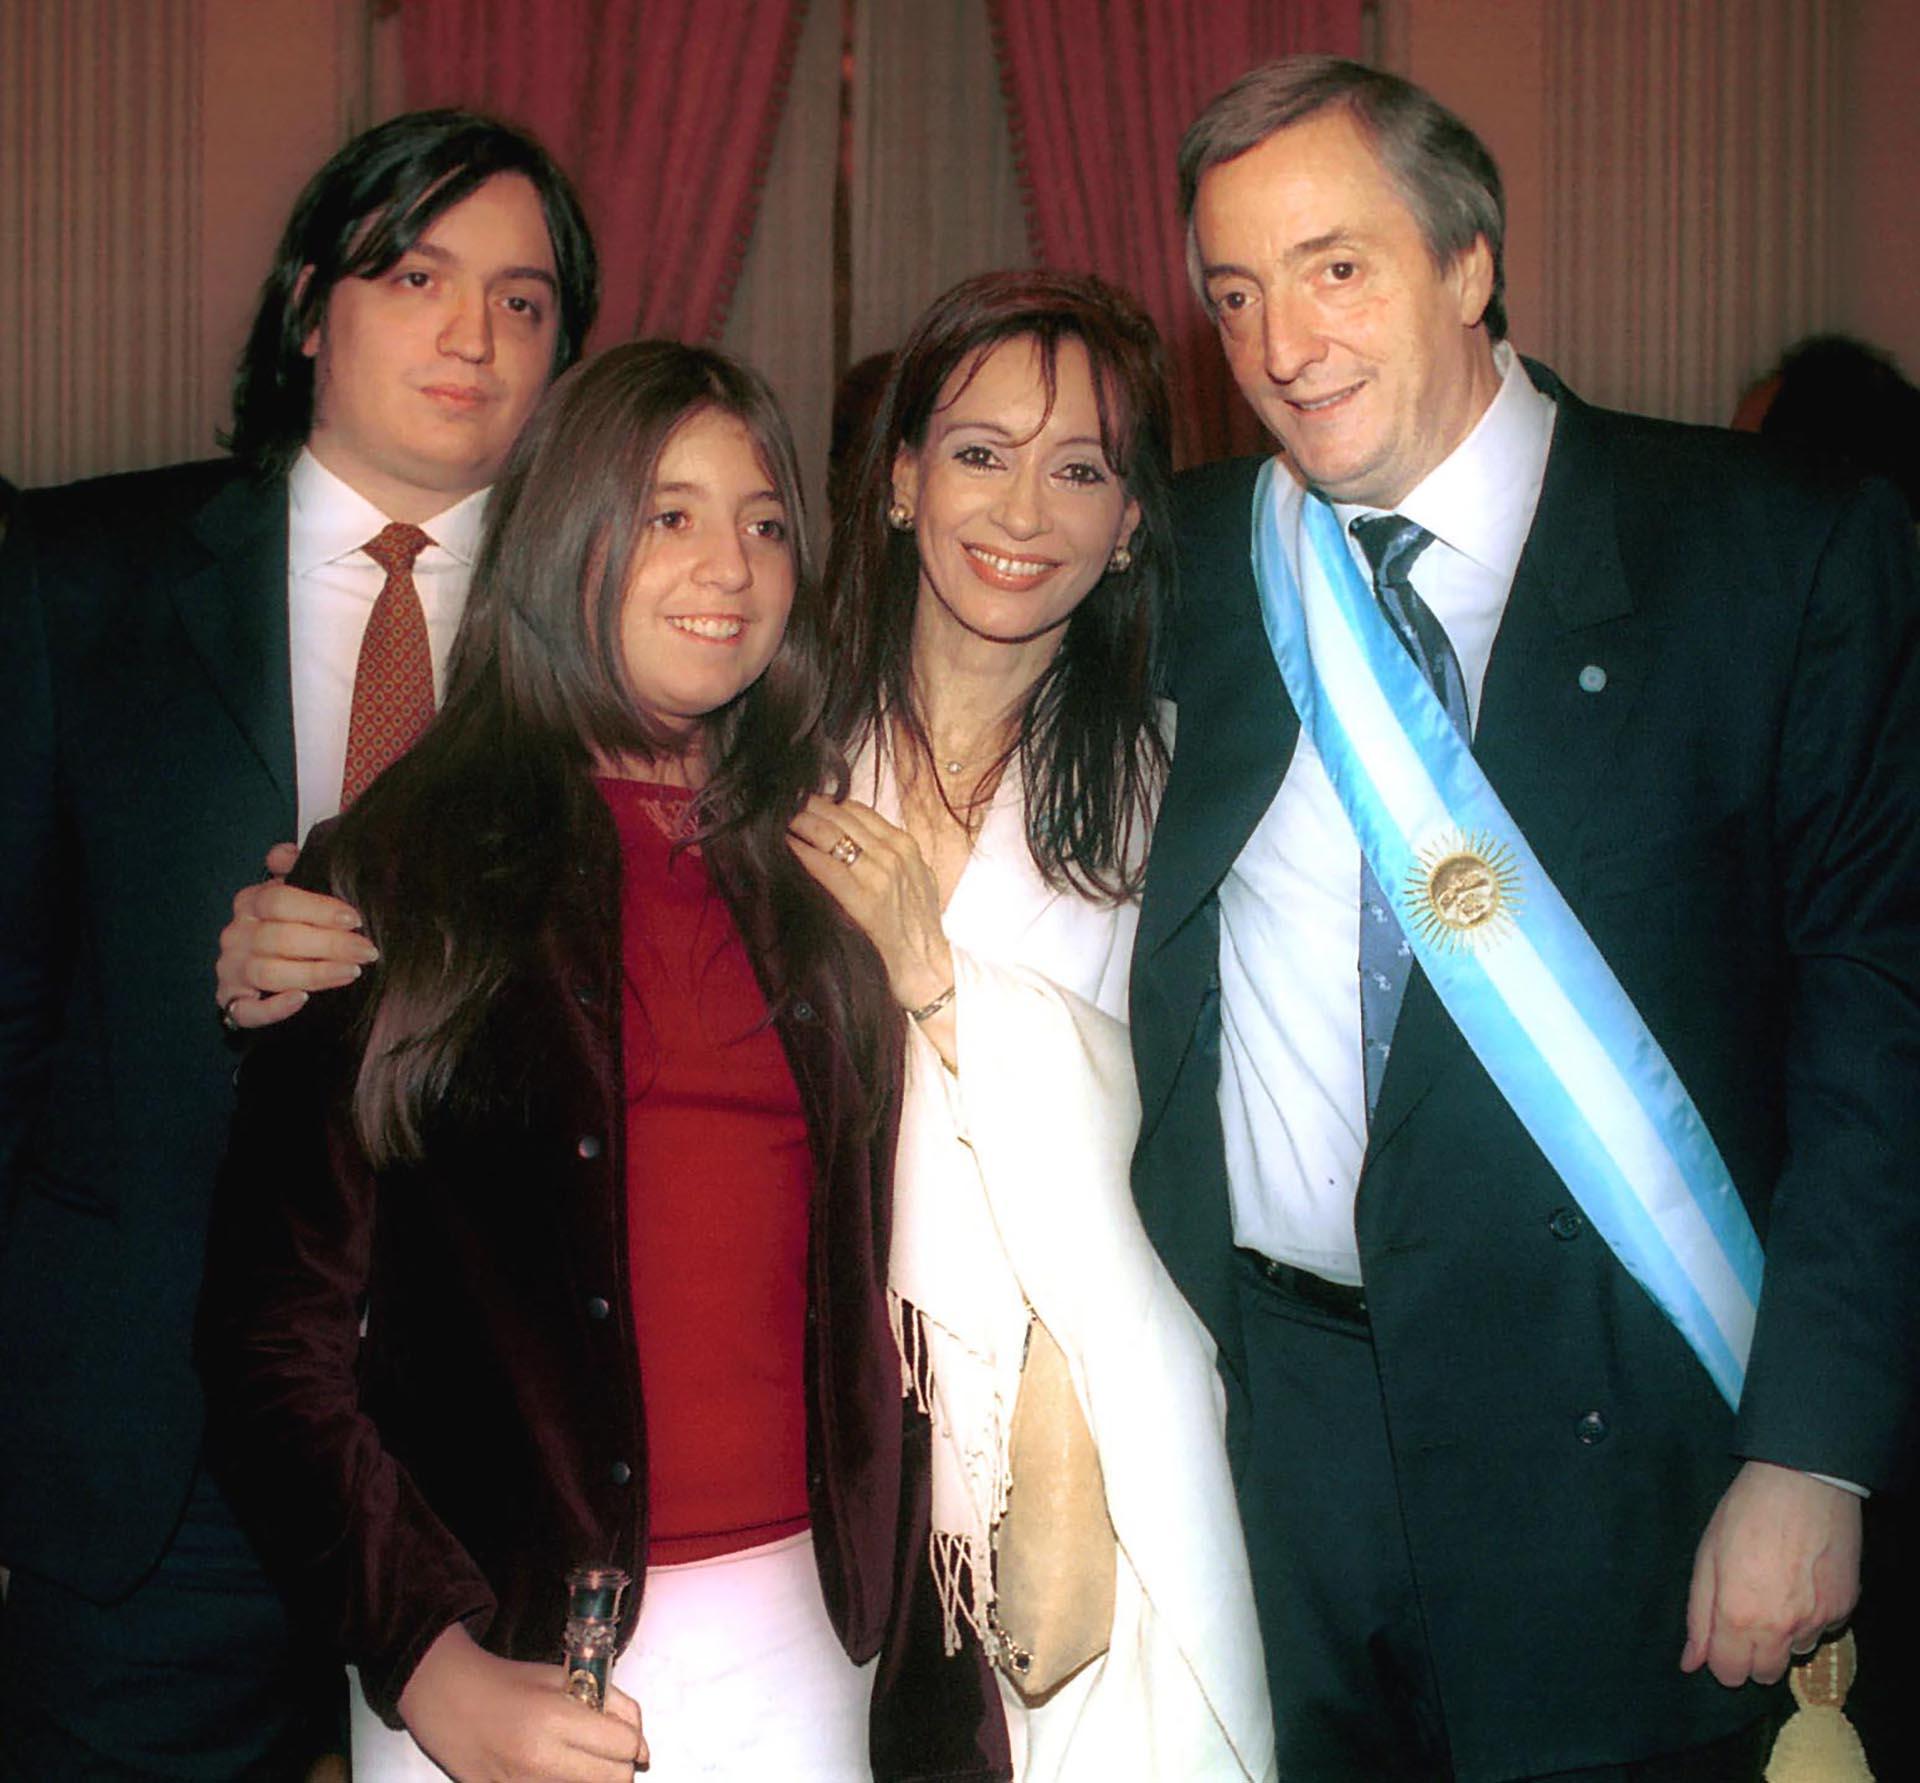 El presidente Néstor Kirchner junto a su esposa Cristina y sus hijos, Florencia y Máximo, posan en el Congreso luego de realizarse la ceremonia de jura del primer mandatario